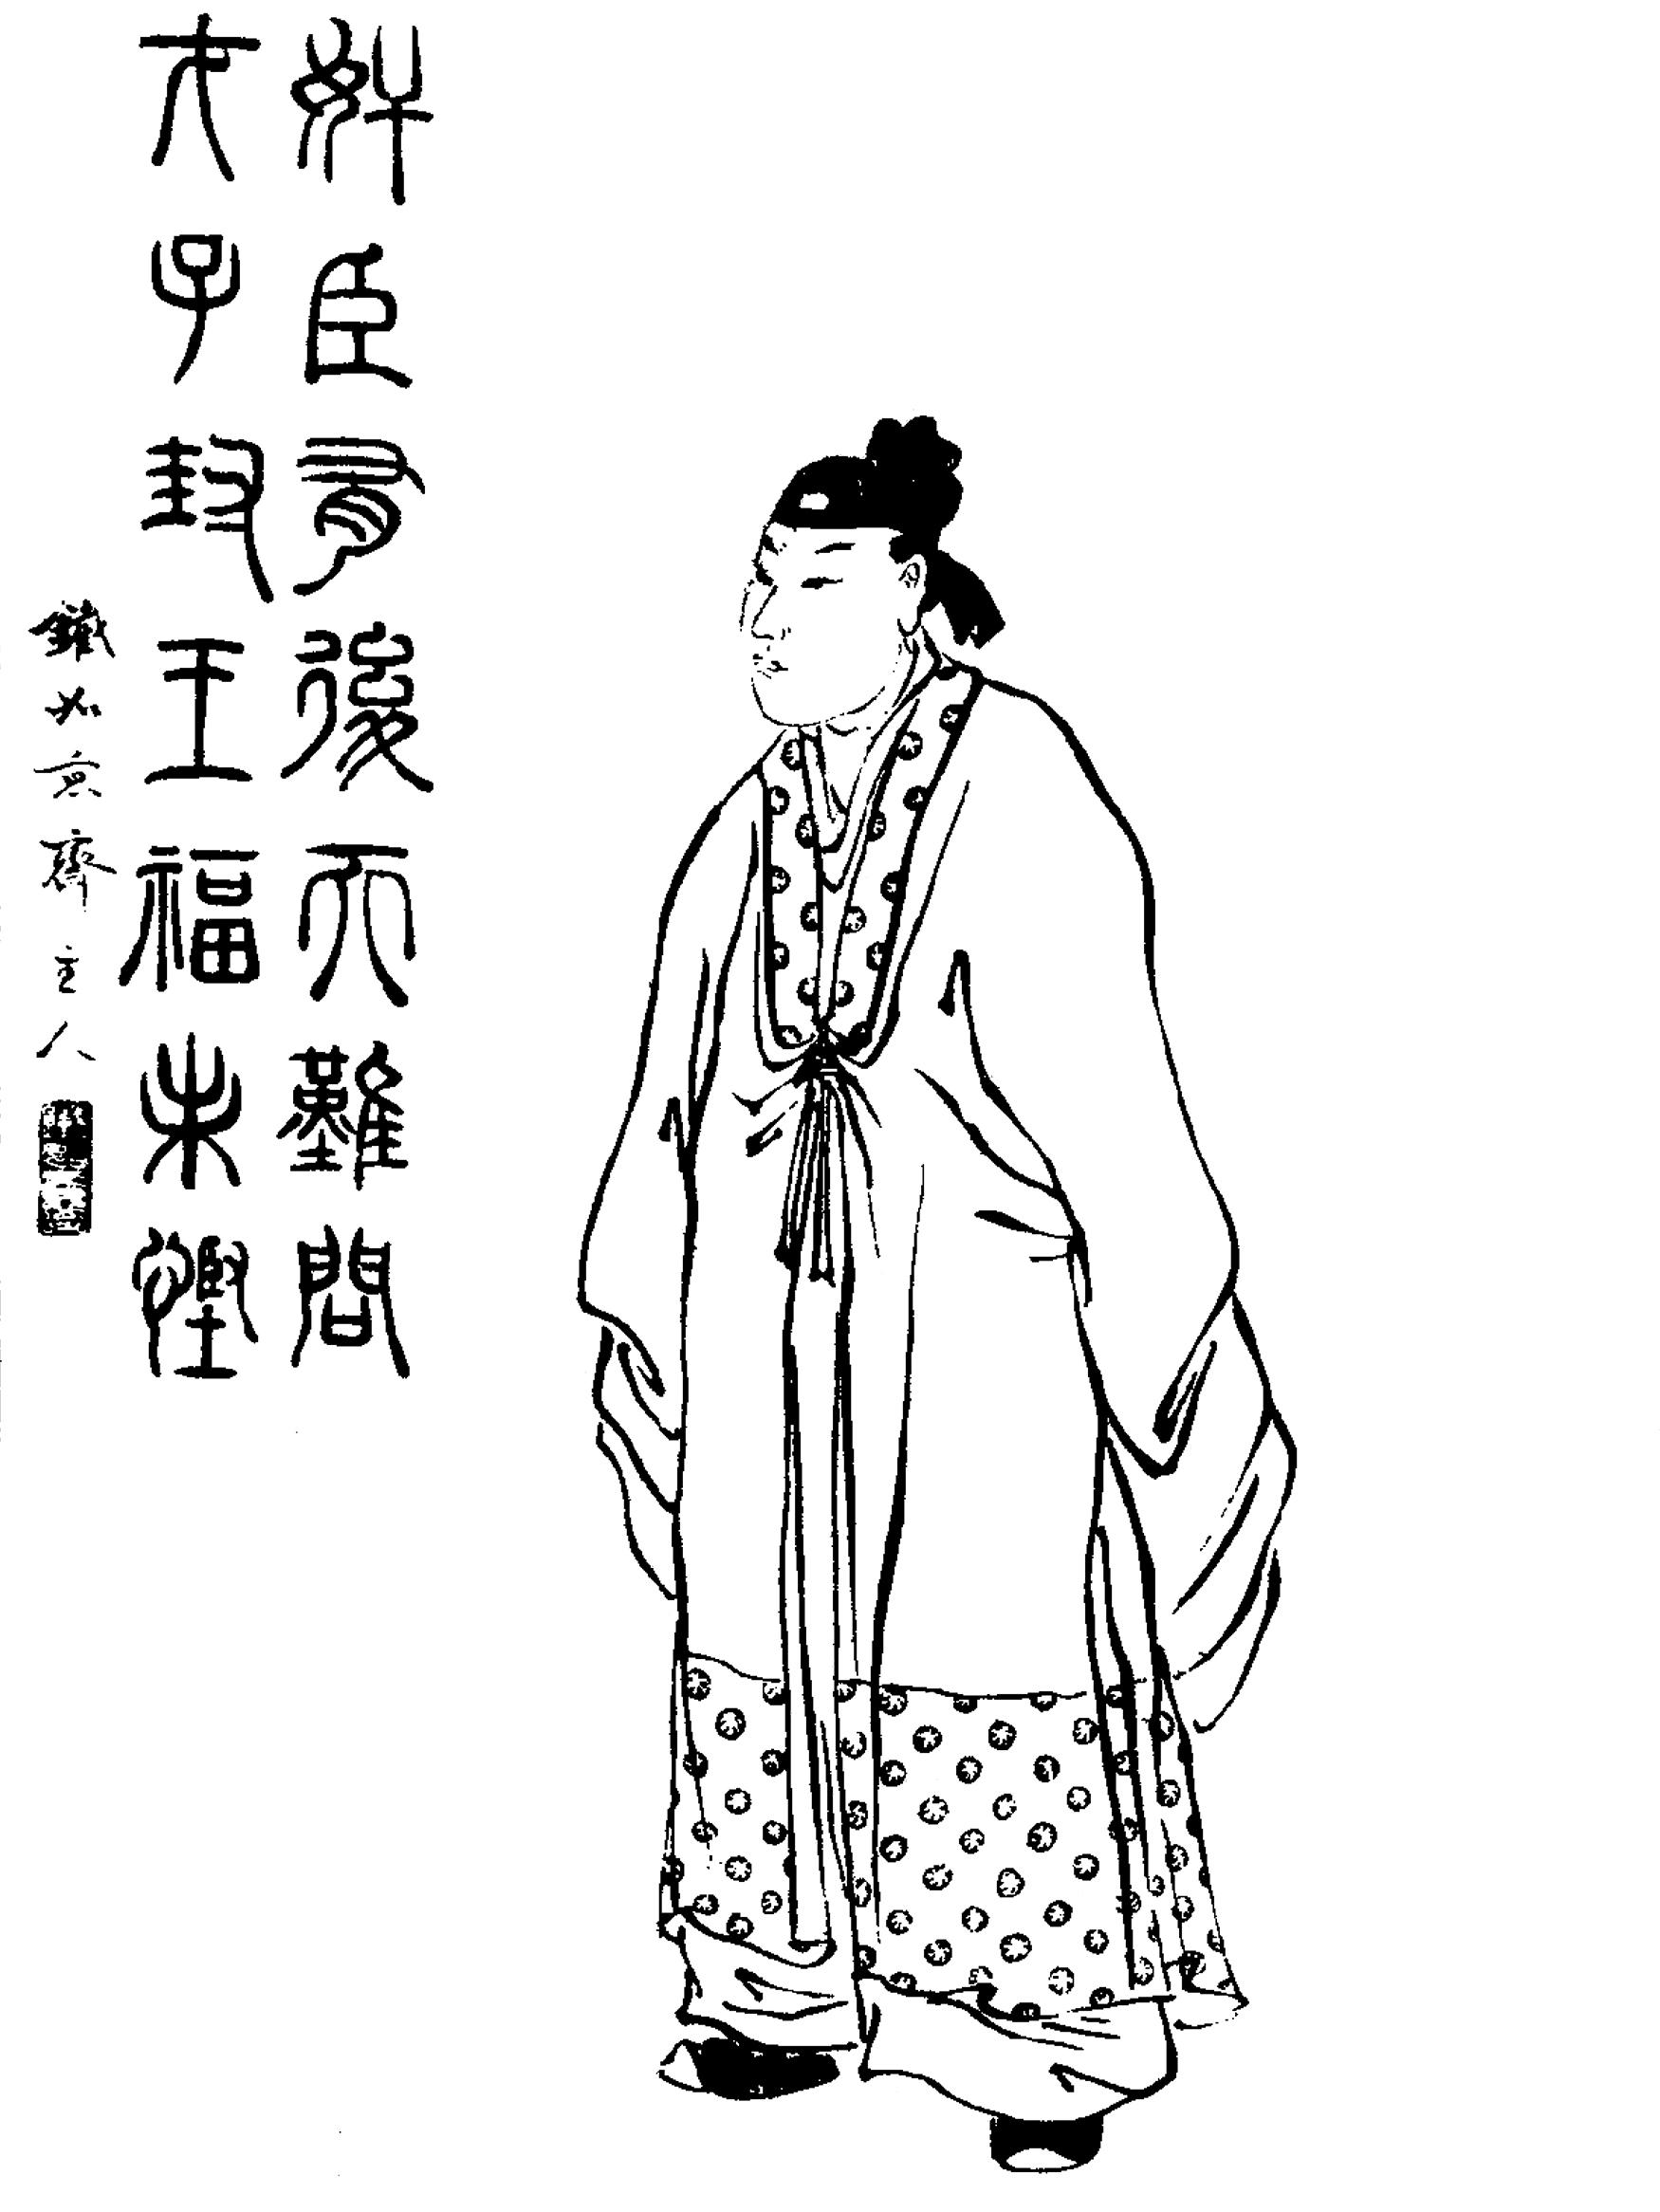 Cao Zhi - Un Poema por la Vida de Cáo Zhí